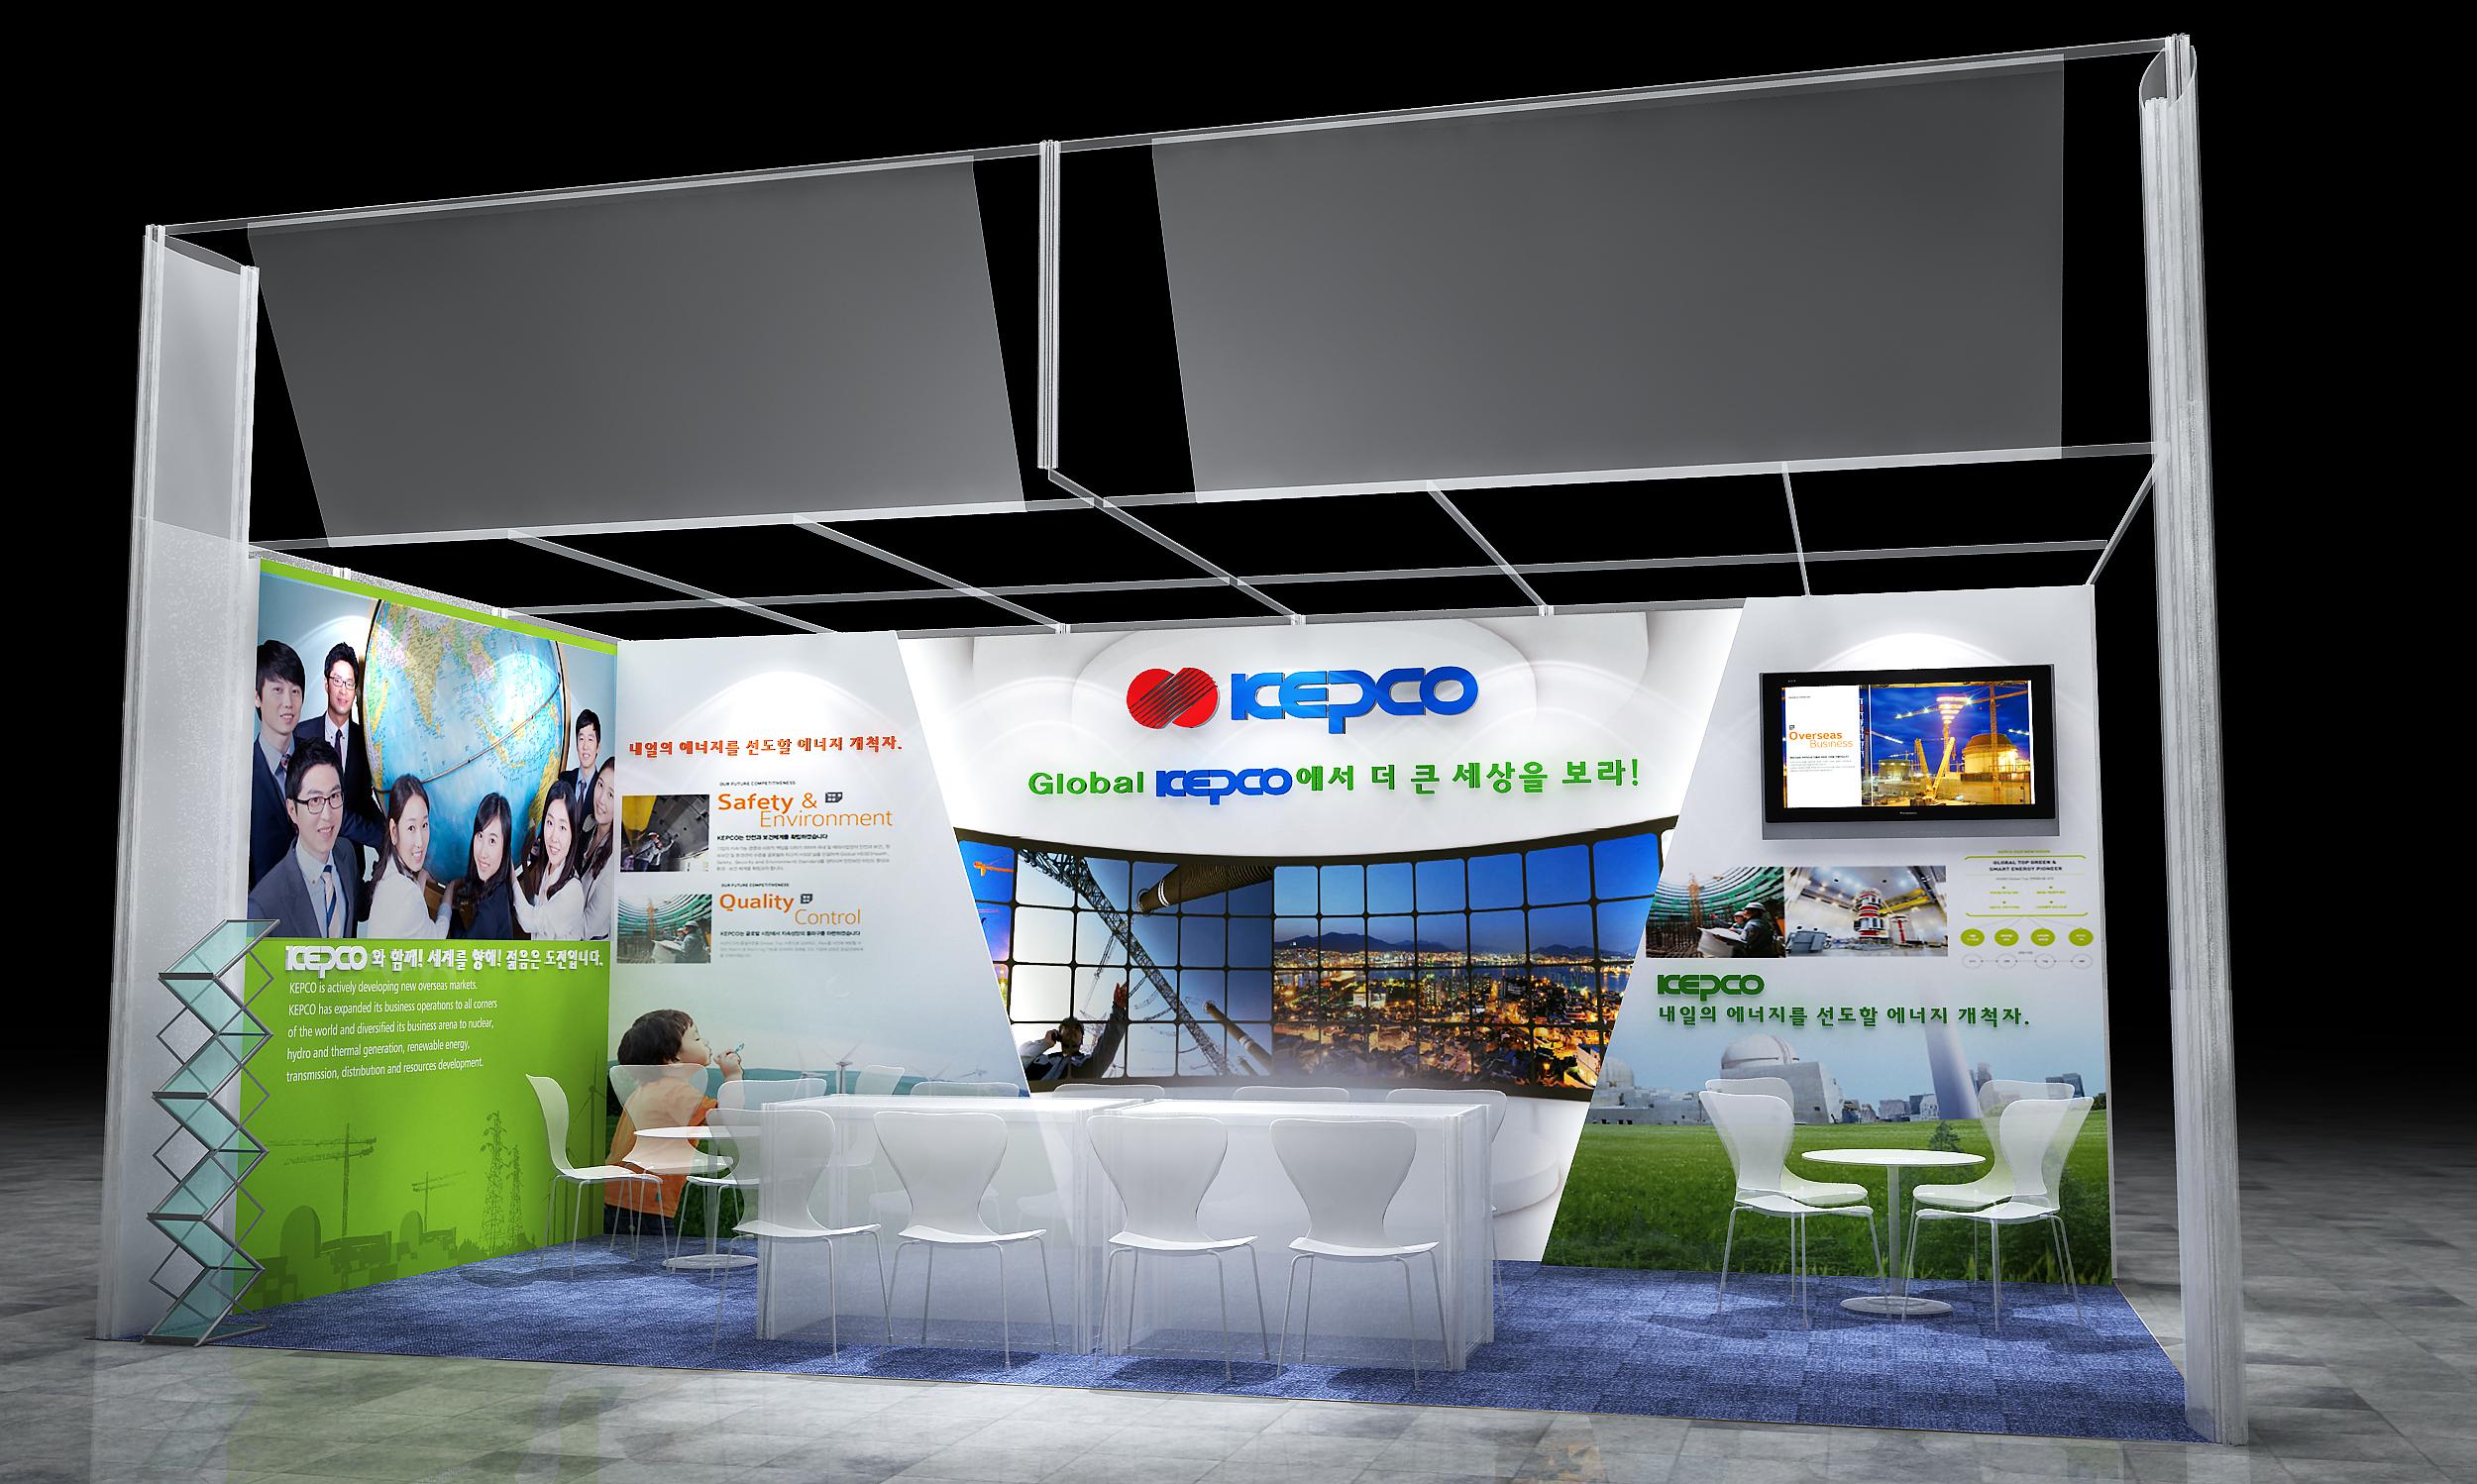 KEPCO 채용박람회